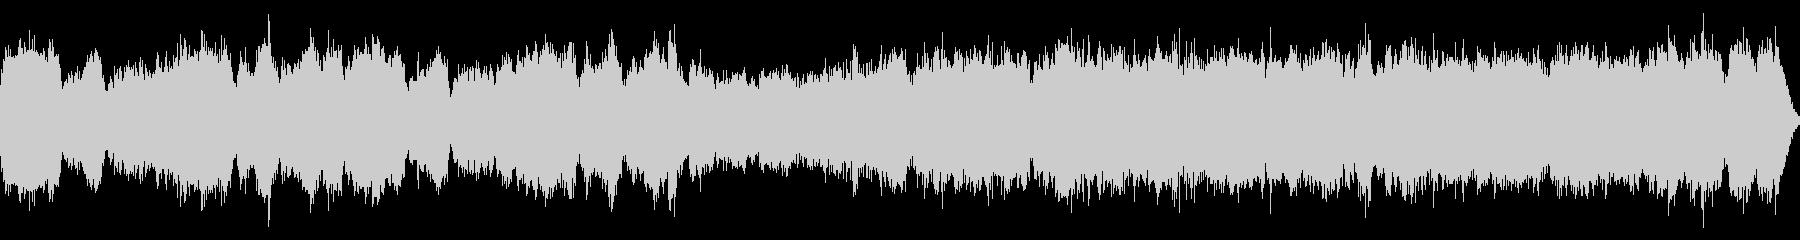 パイプオルガン・コーラス明るい曲・ループの未再生の波形